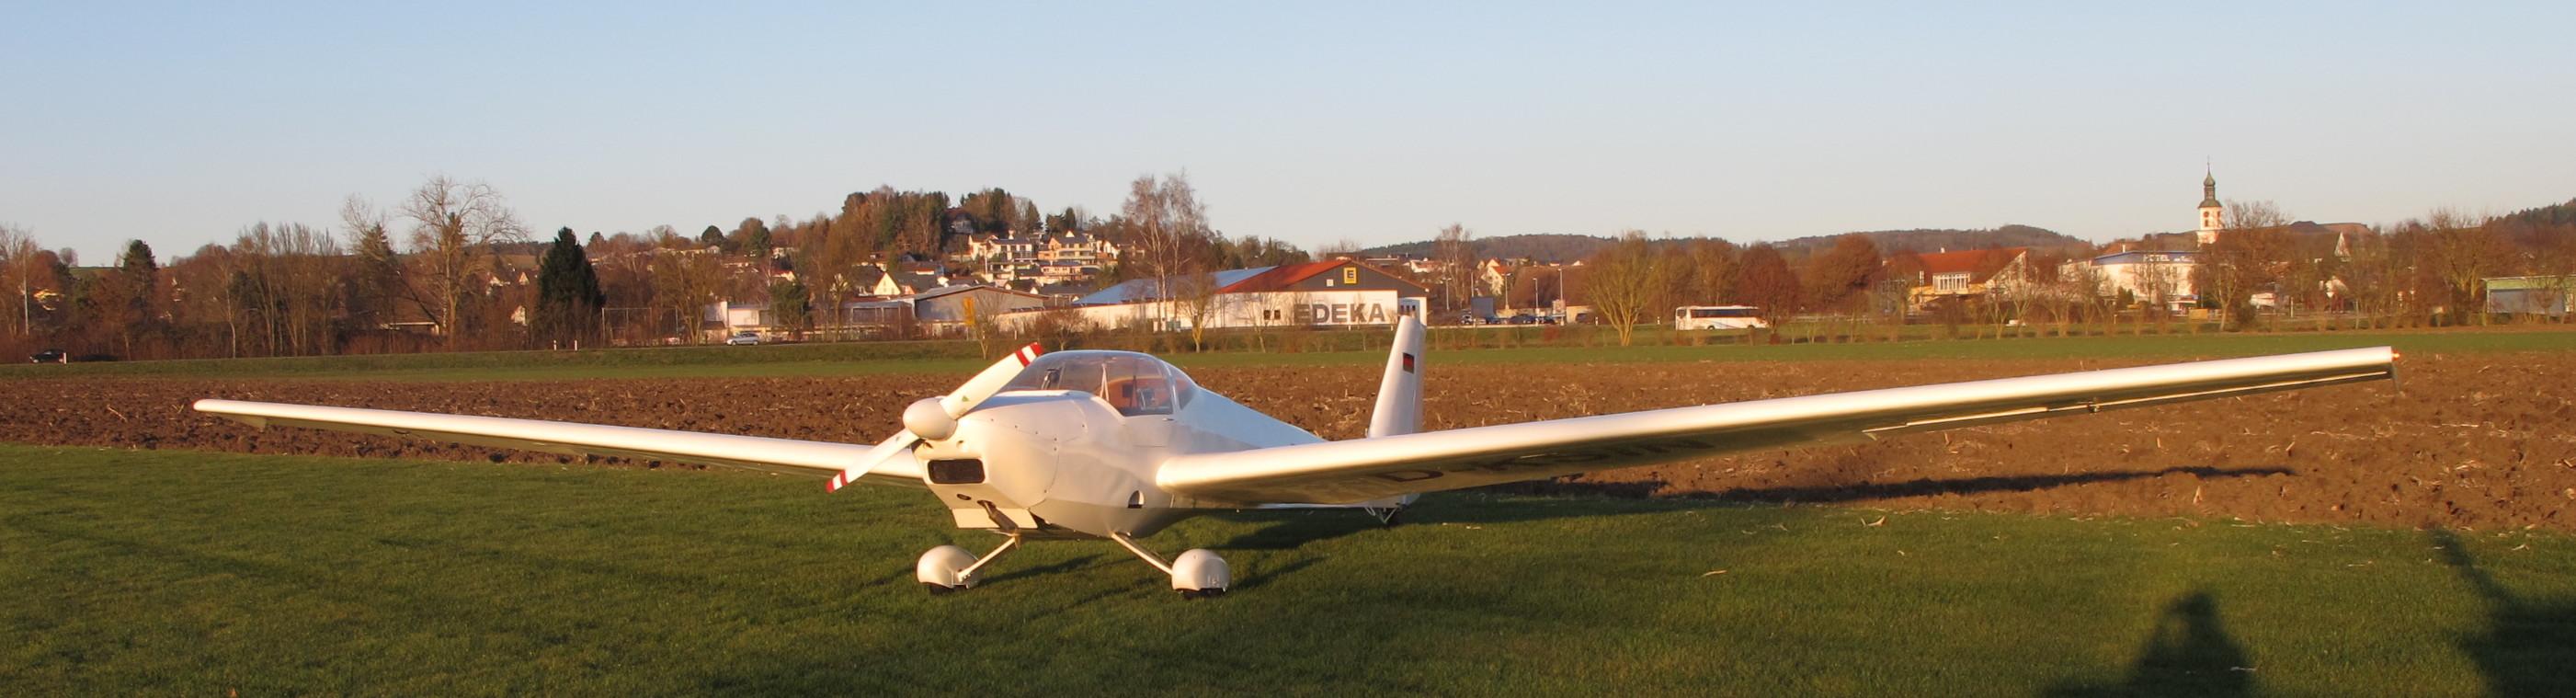 D-KSIN SF25 C2000